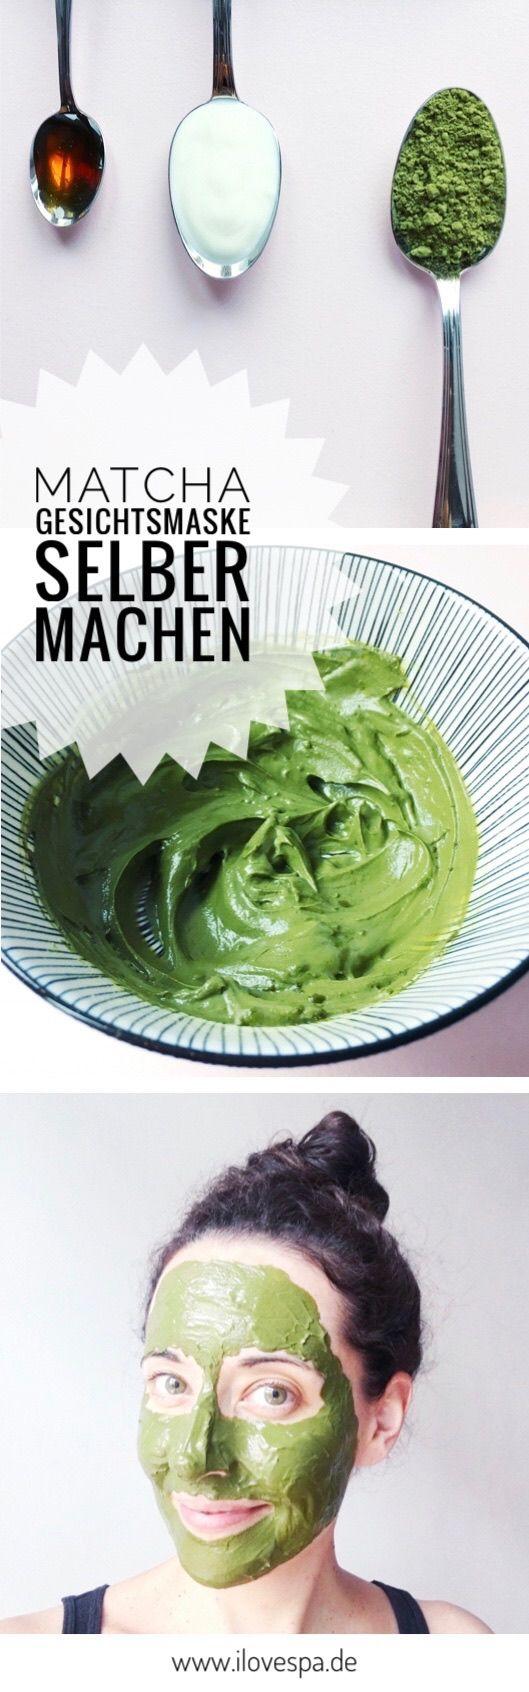 DIY Matcha Gesichtsmaske – das Detox Wunder aus gerade mal 3 Zutaten – Julia Heggemann